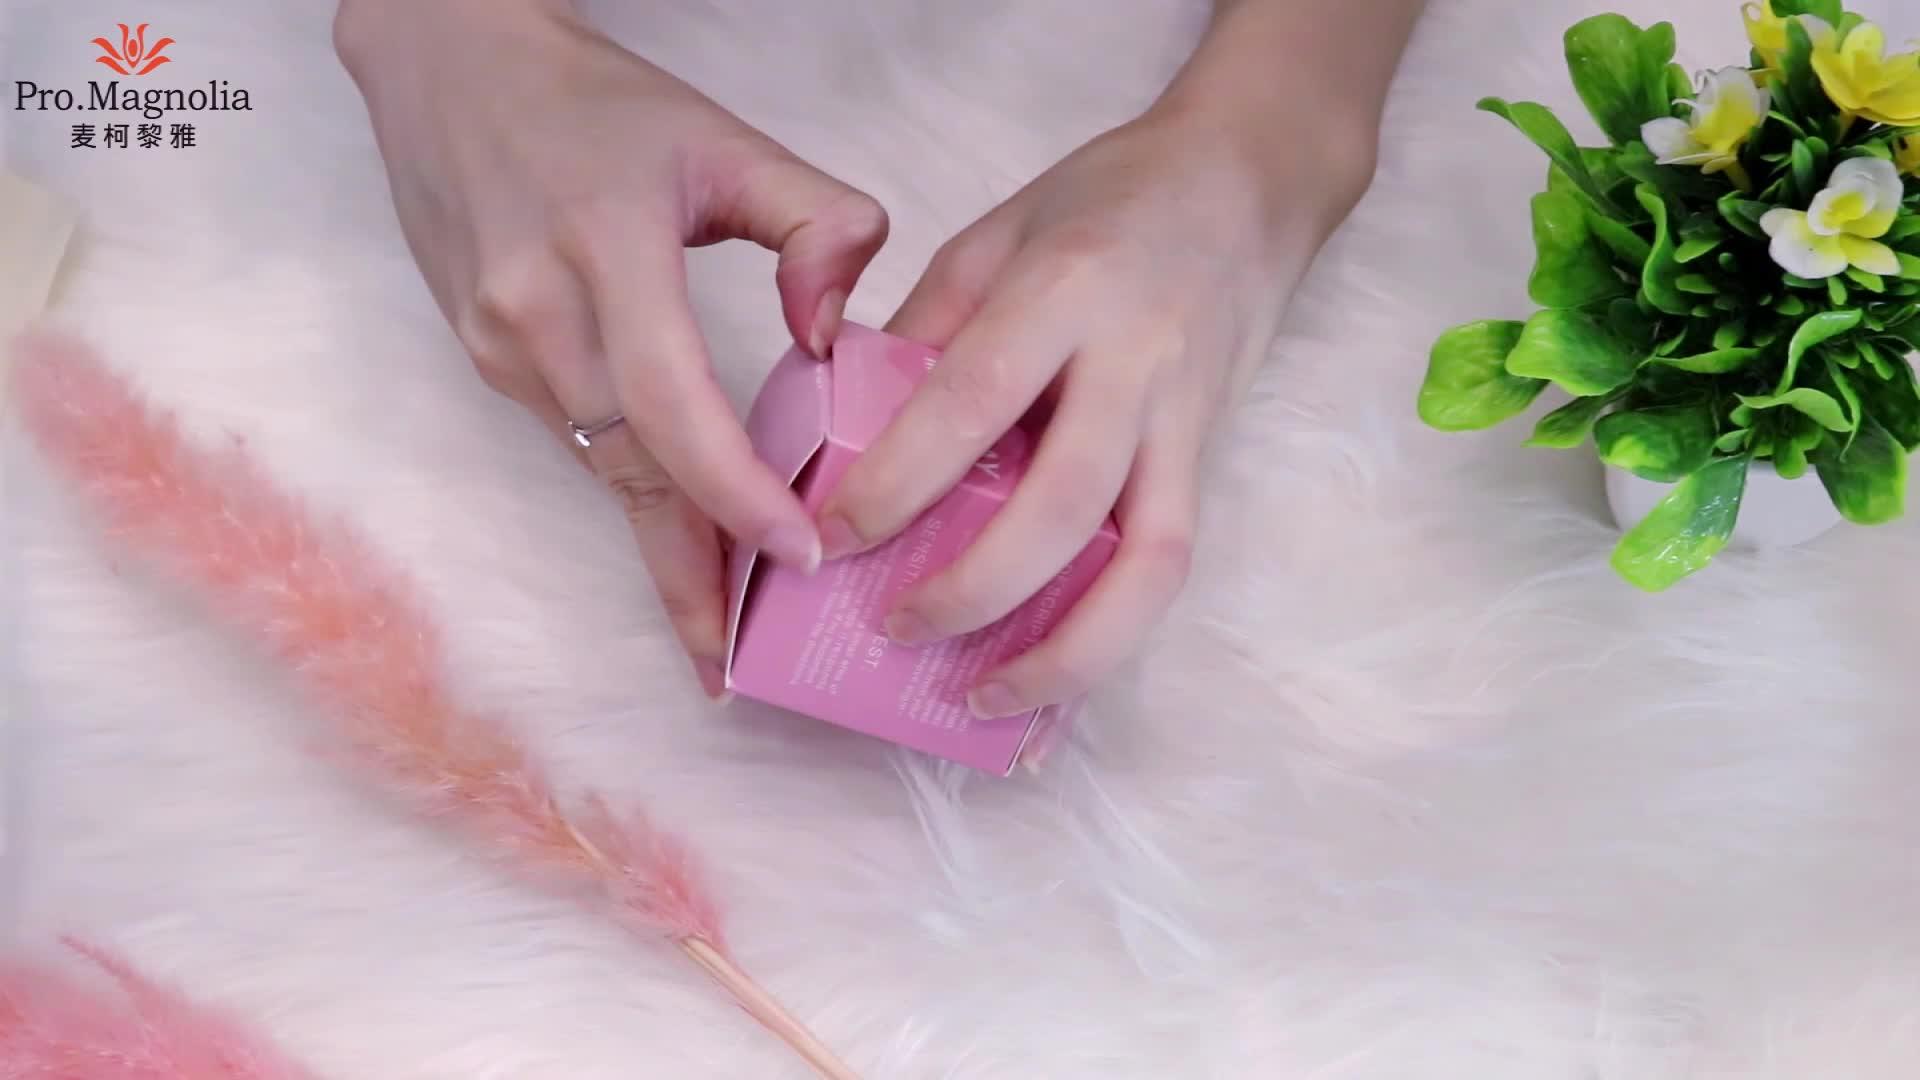 ピンクベントナイト粉末ローズ粘土にきびとにきび治療スキンケアのためのマスク